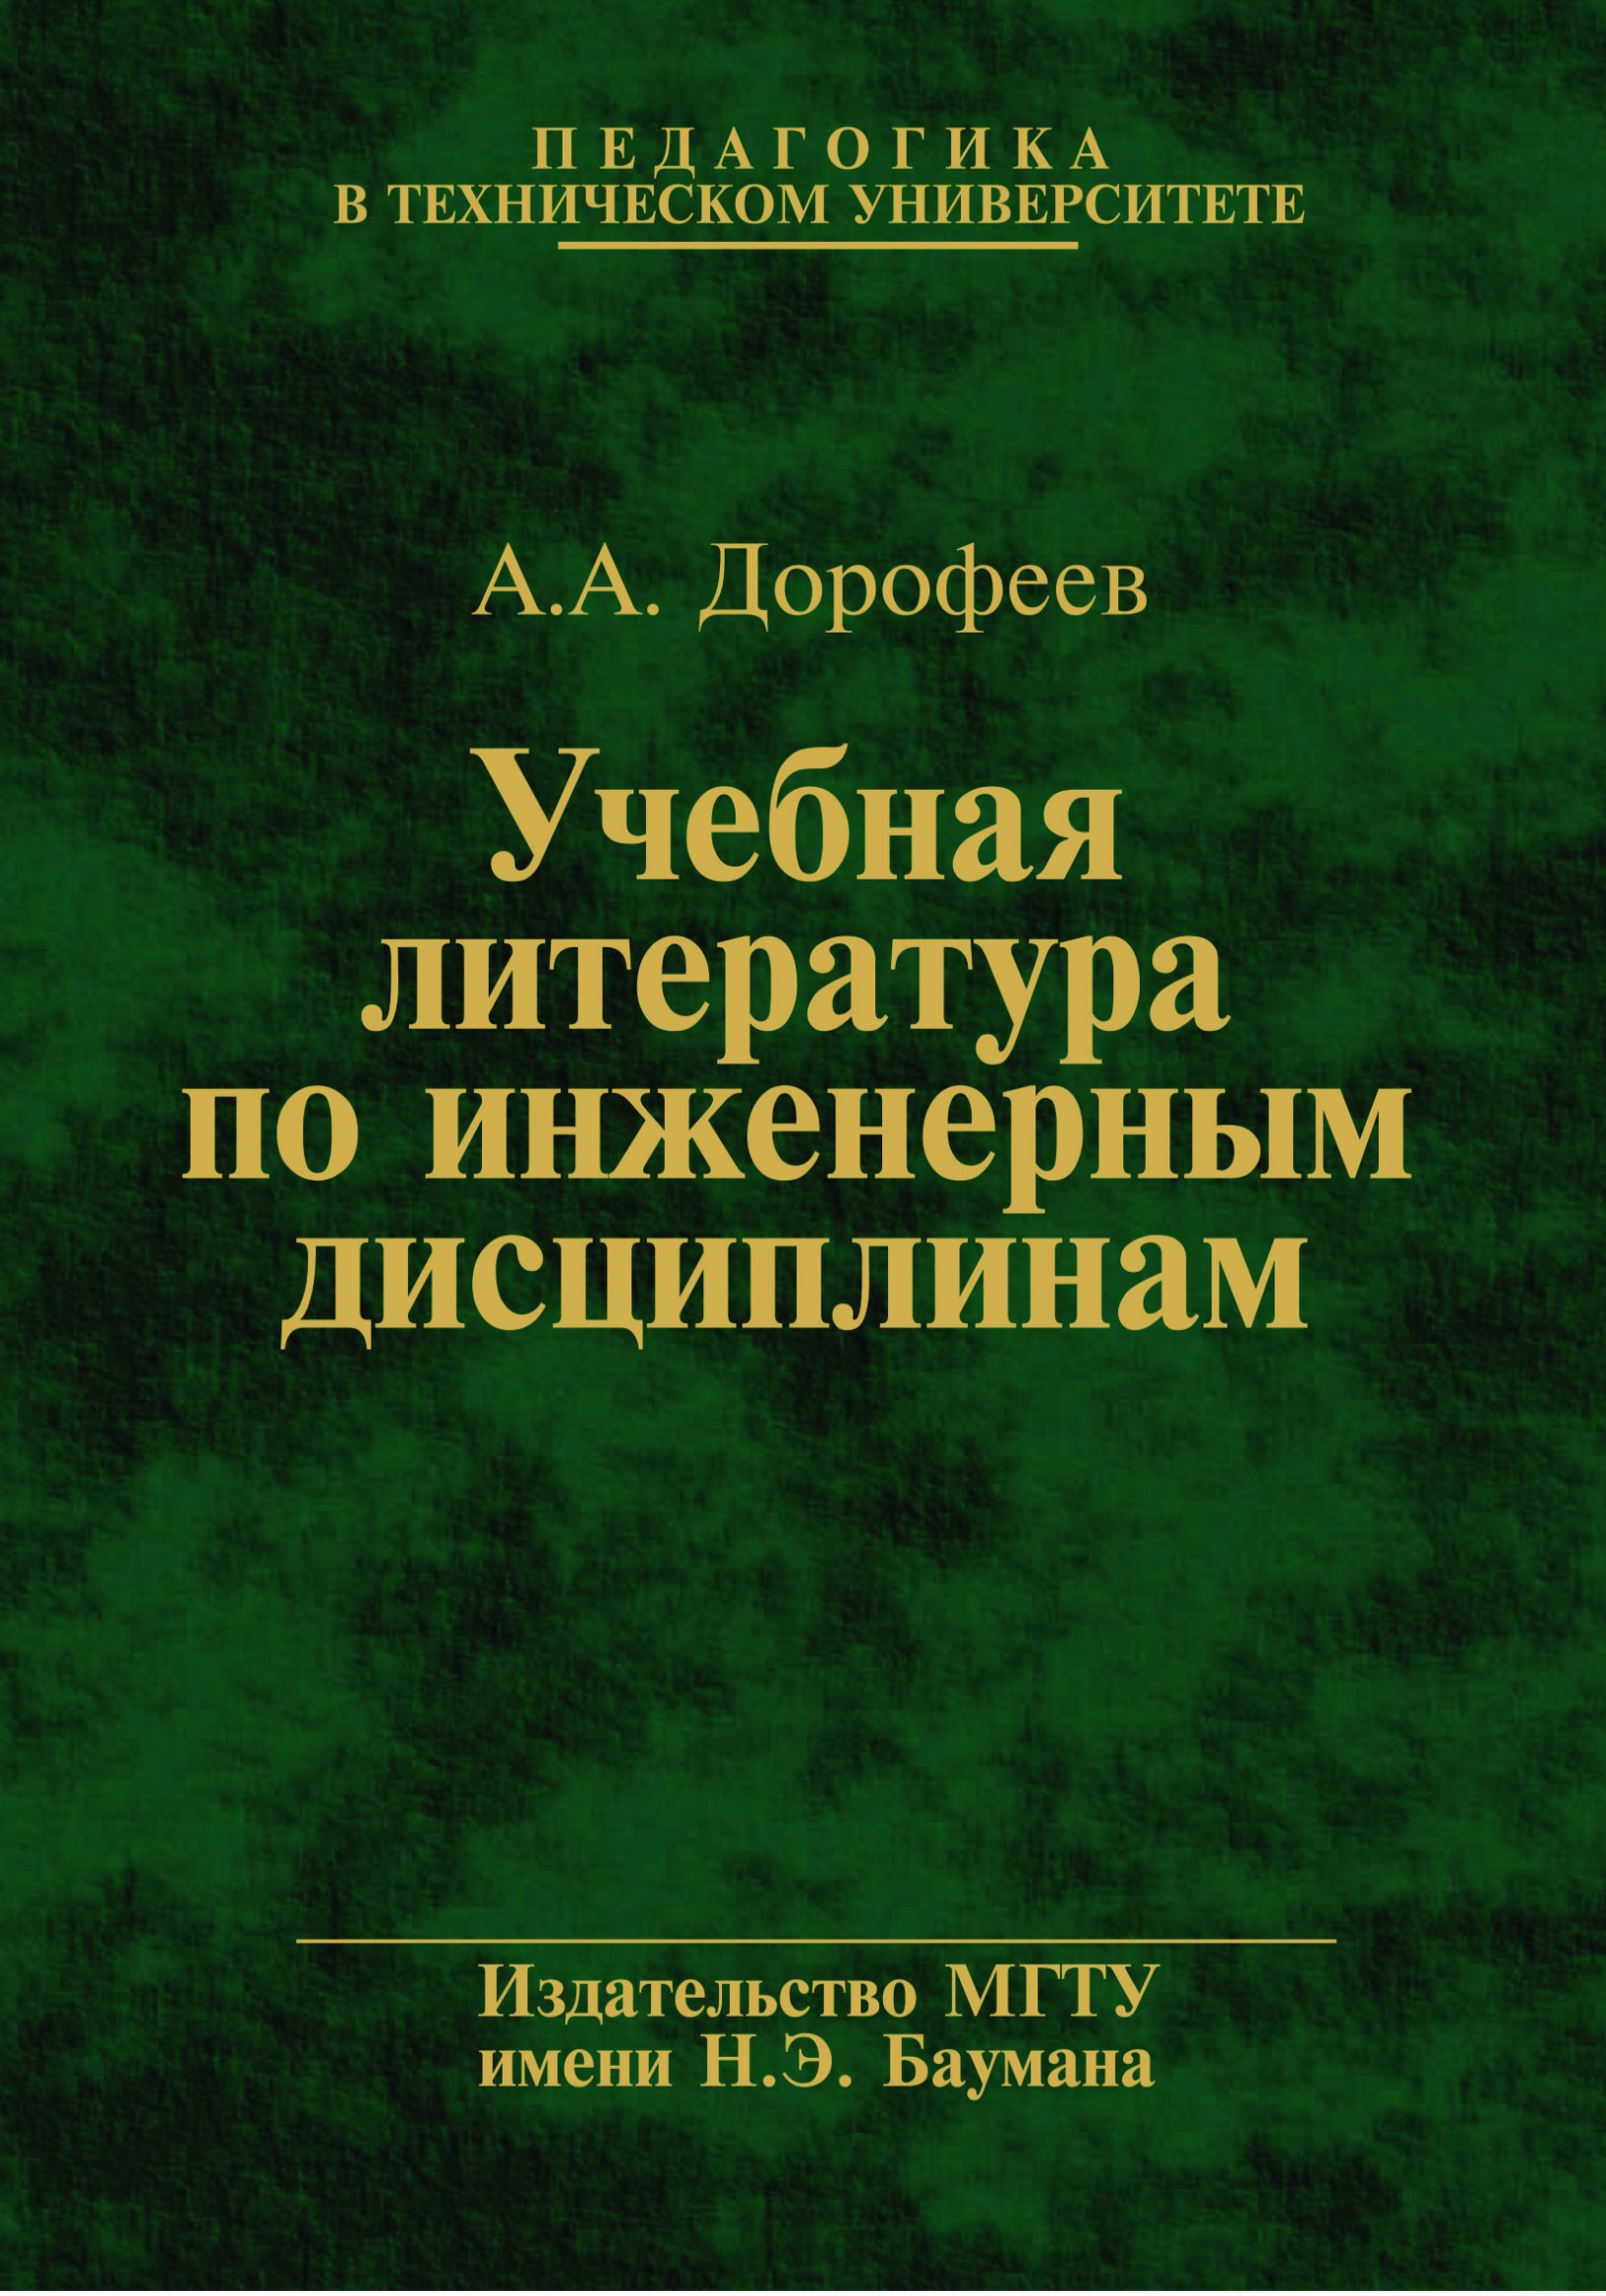 Анатолий Дорофеев Учебная литература по инженерным дисциплинам анатолий дорофеев учебная литература по инженерным дисциплинам